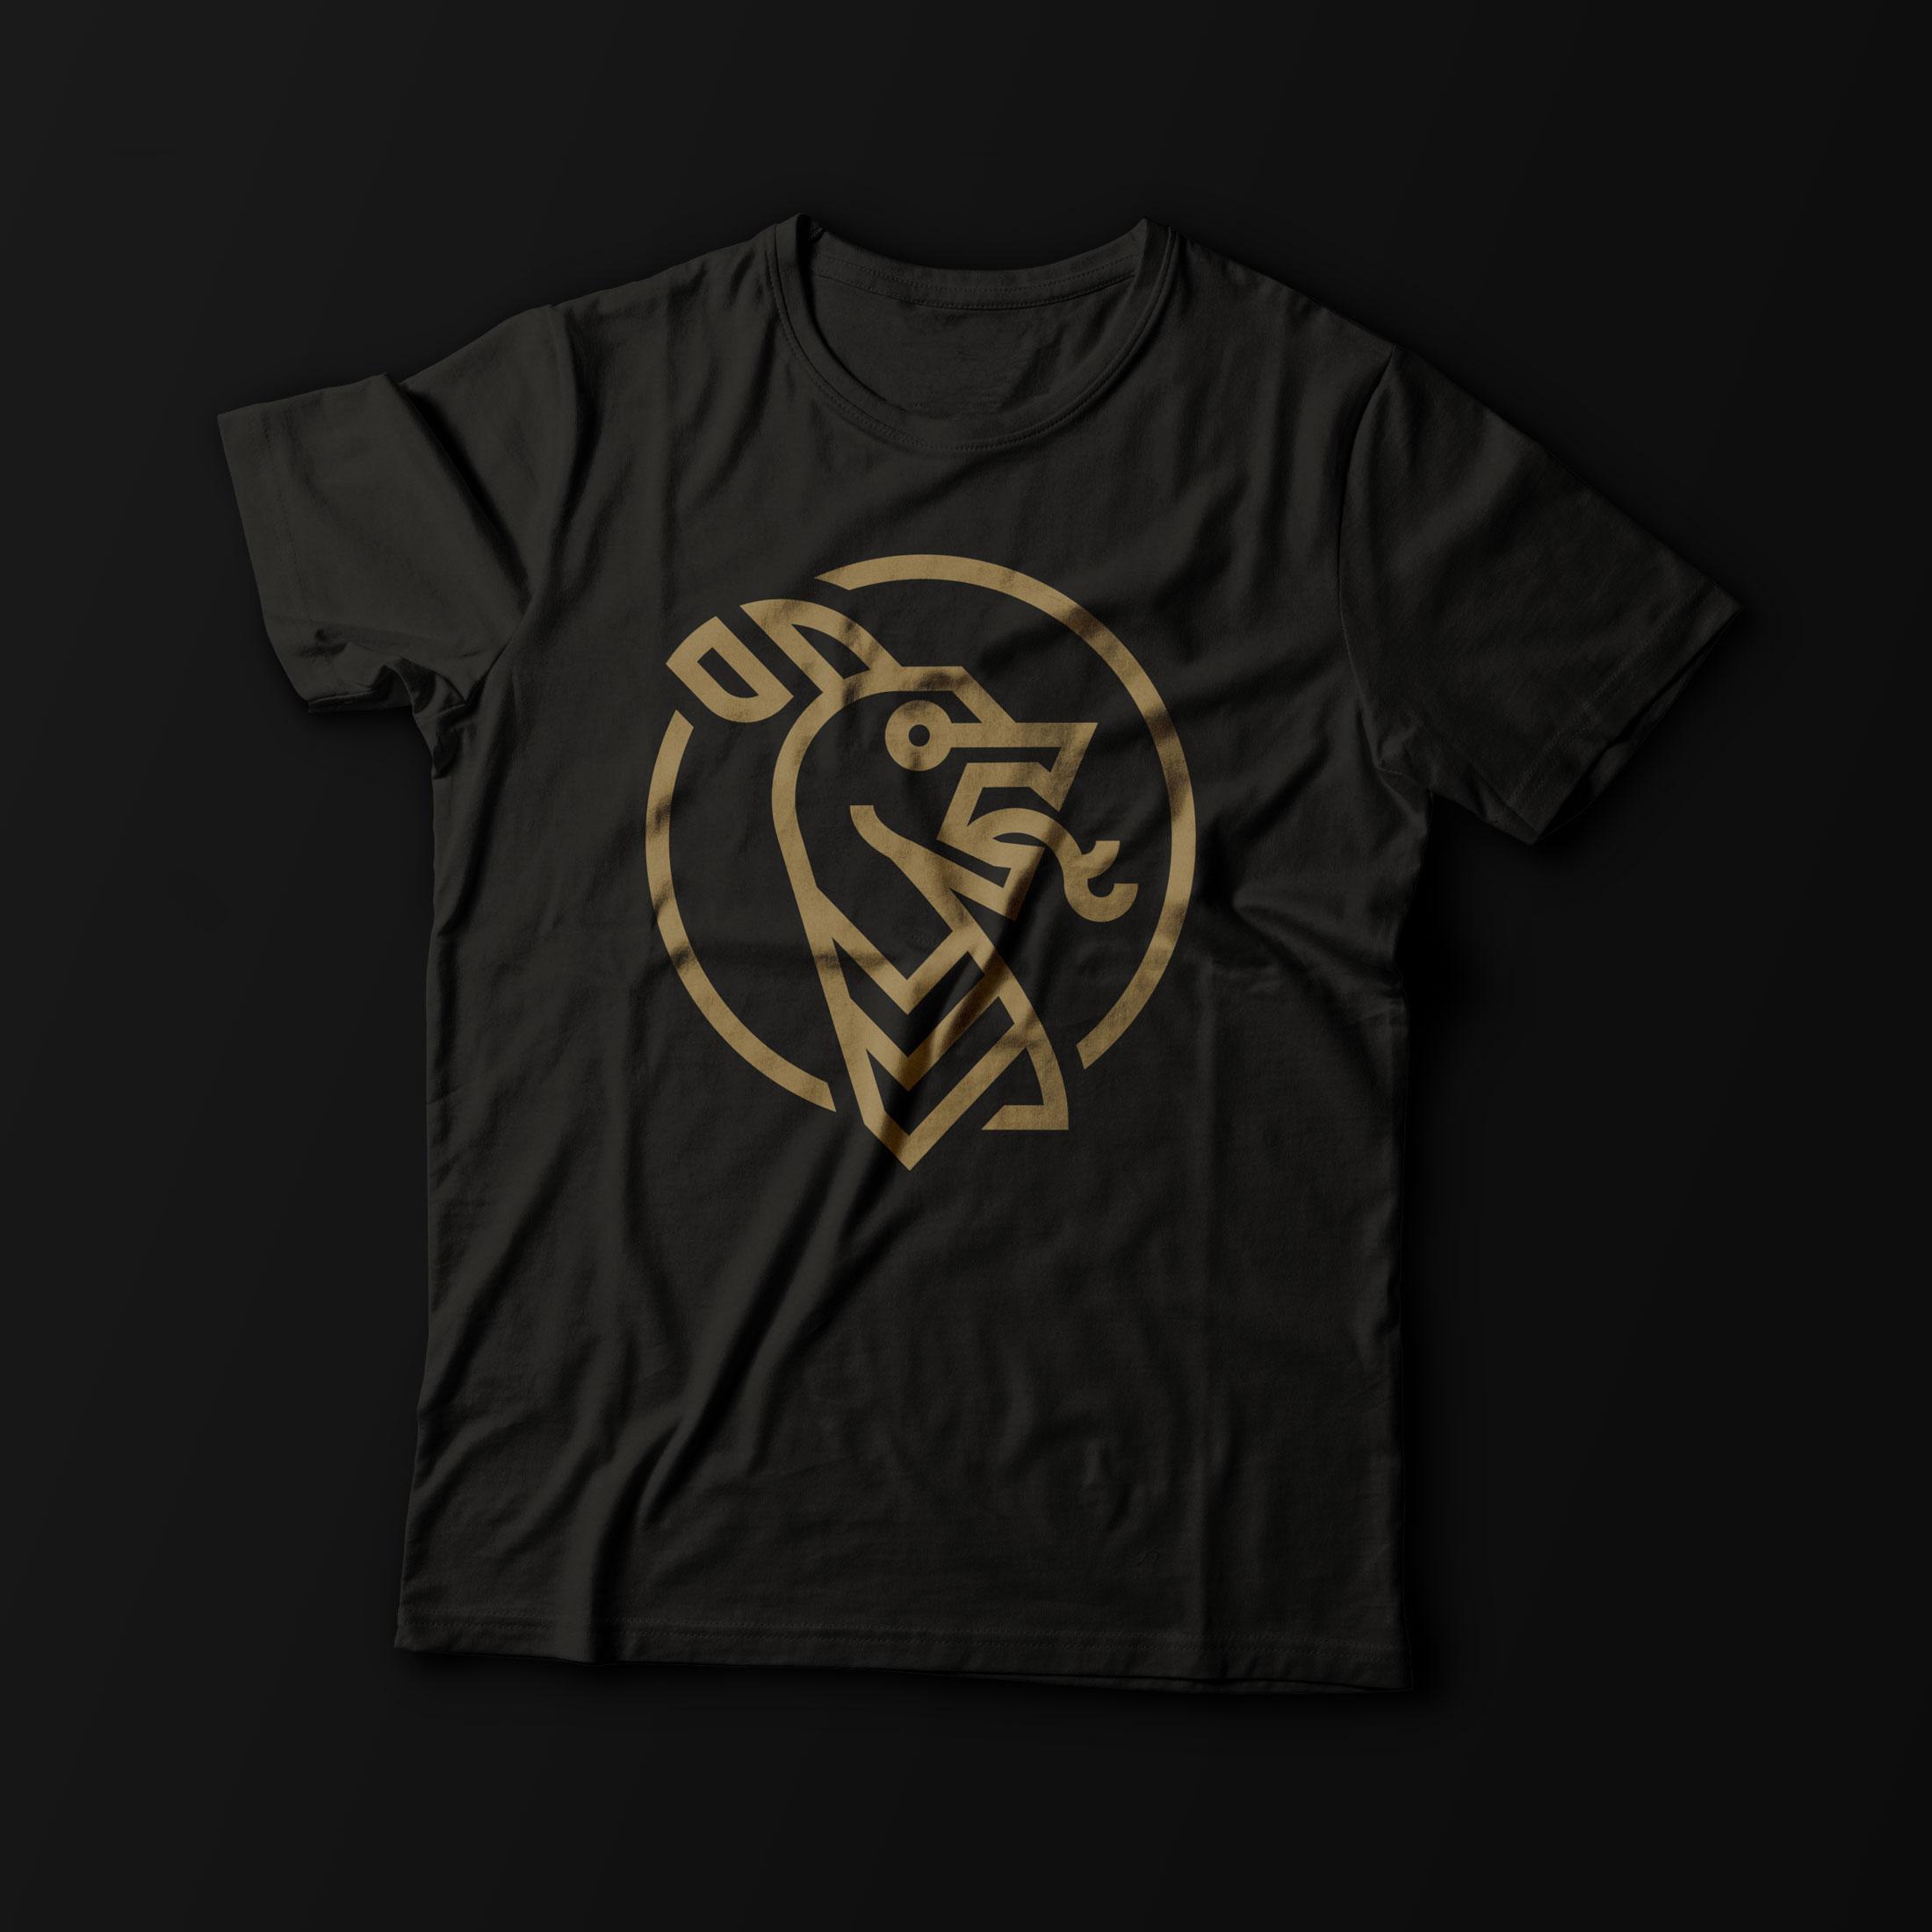 Viking_Shirt.jpg